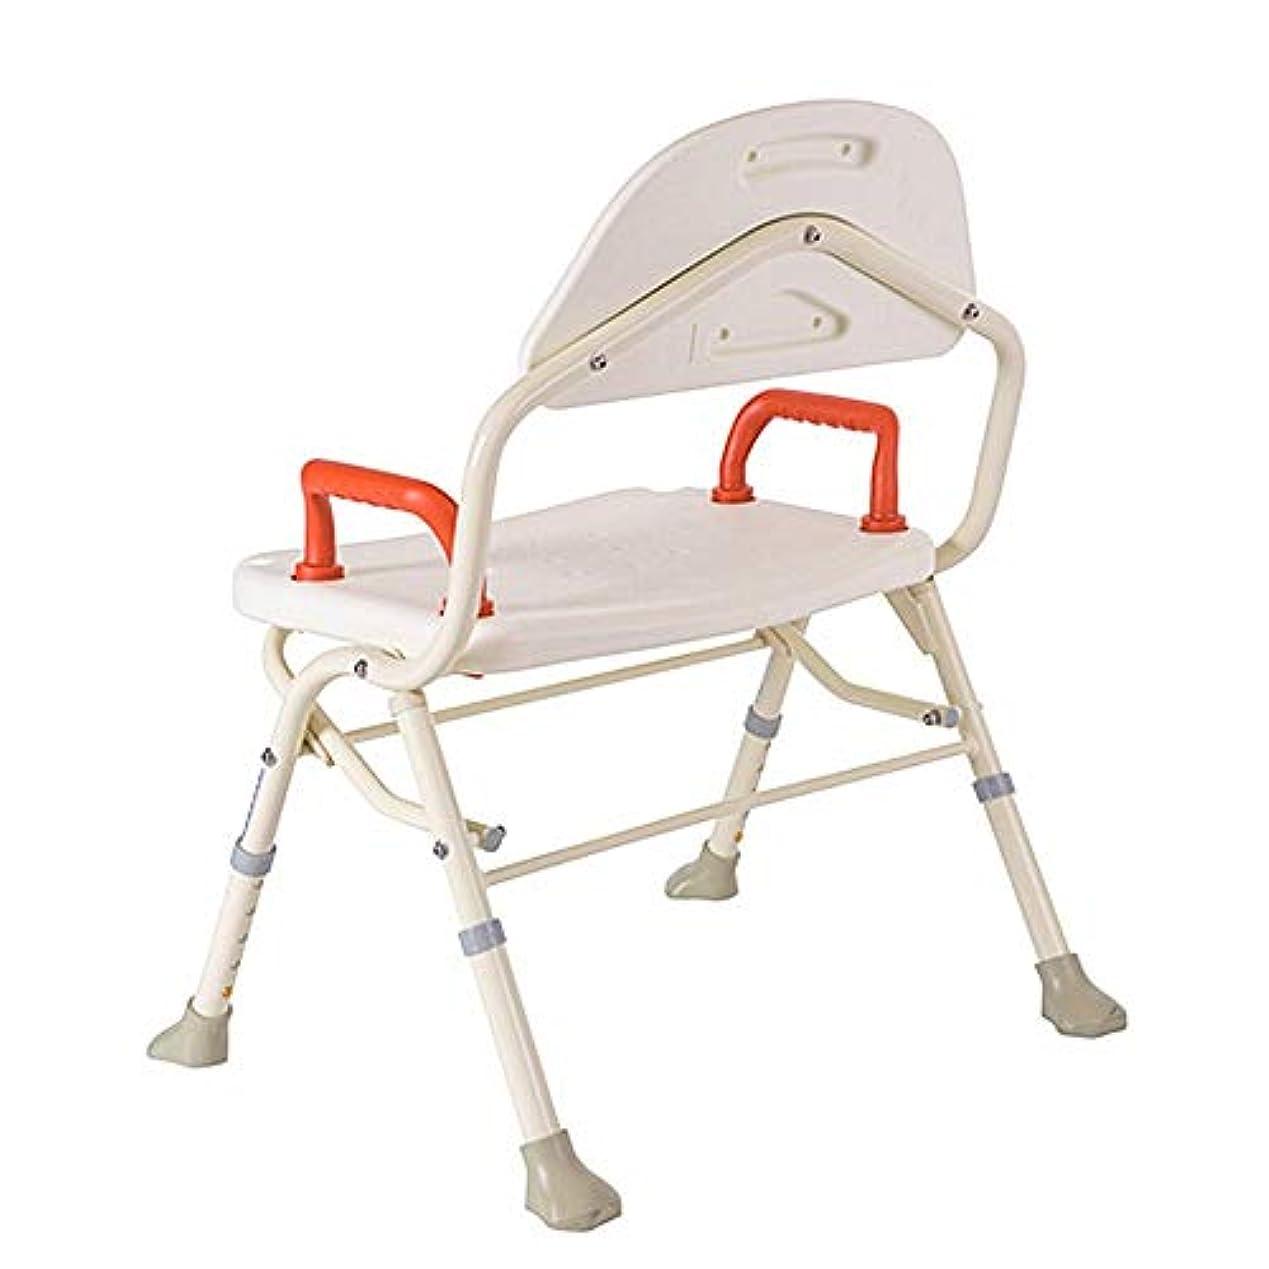 美徳識字ご近所背もたれのあるシャワースツール、調節可能なシャワーシート、アーム付きのバスチェア、高齢者用のパッド入りシート、身体障害者の安定性